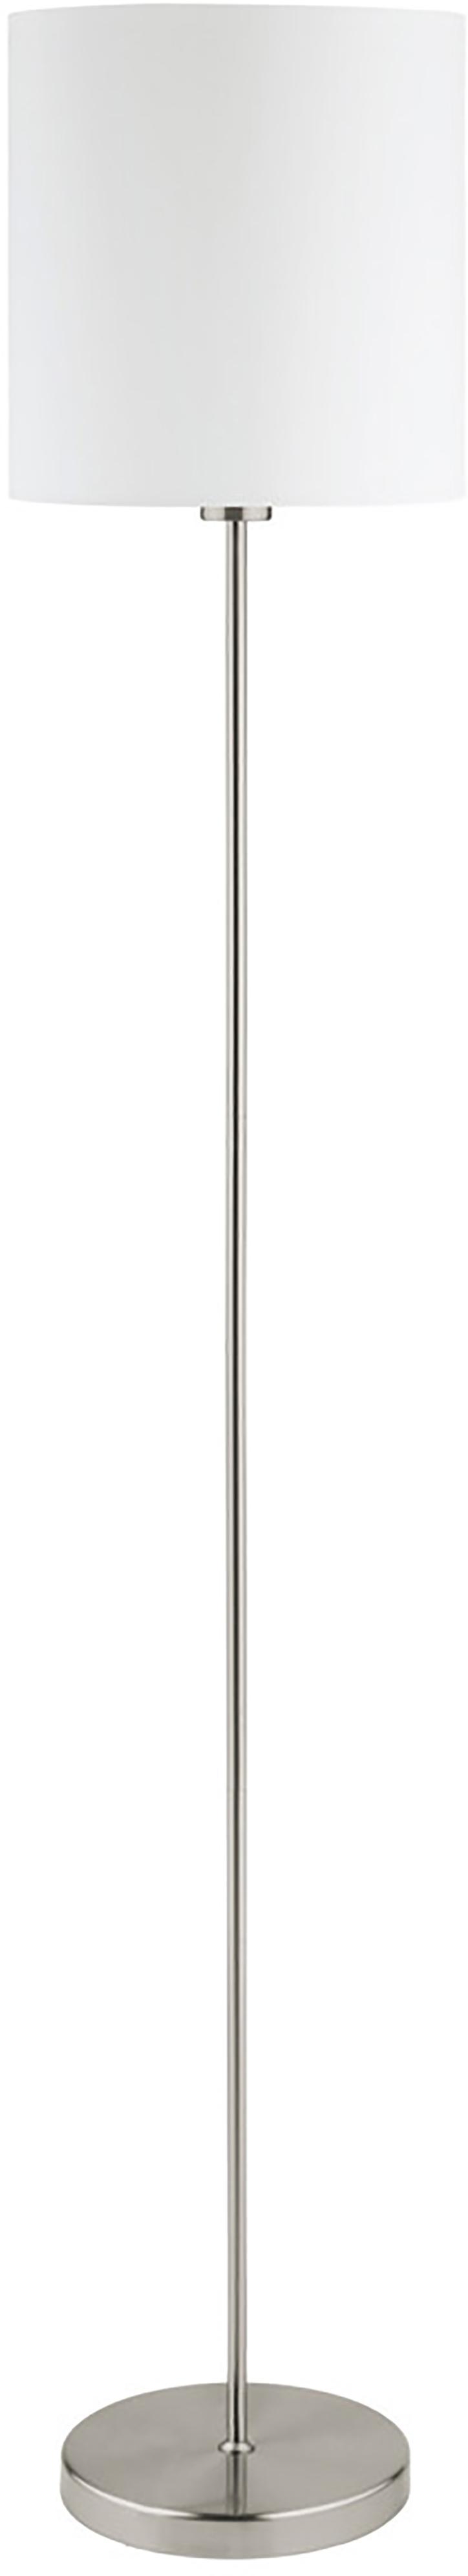 Vloerlamp Harry, Lampenkap: textiel, Lampvoet: vernikkeld metaal, Wit, zilverkleurig, Ø 28 x H 158 cm